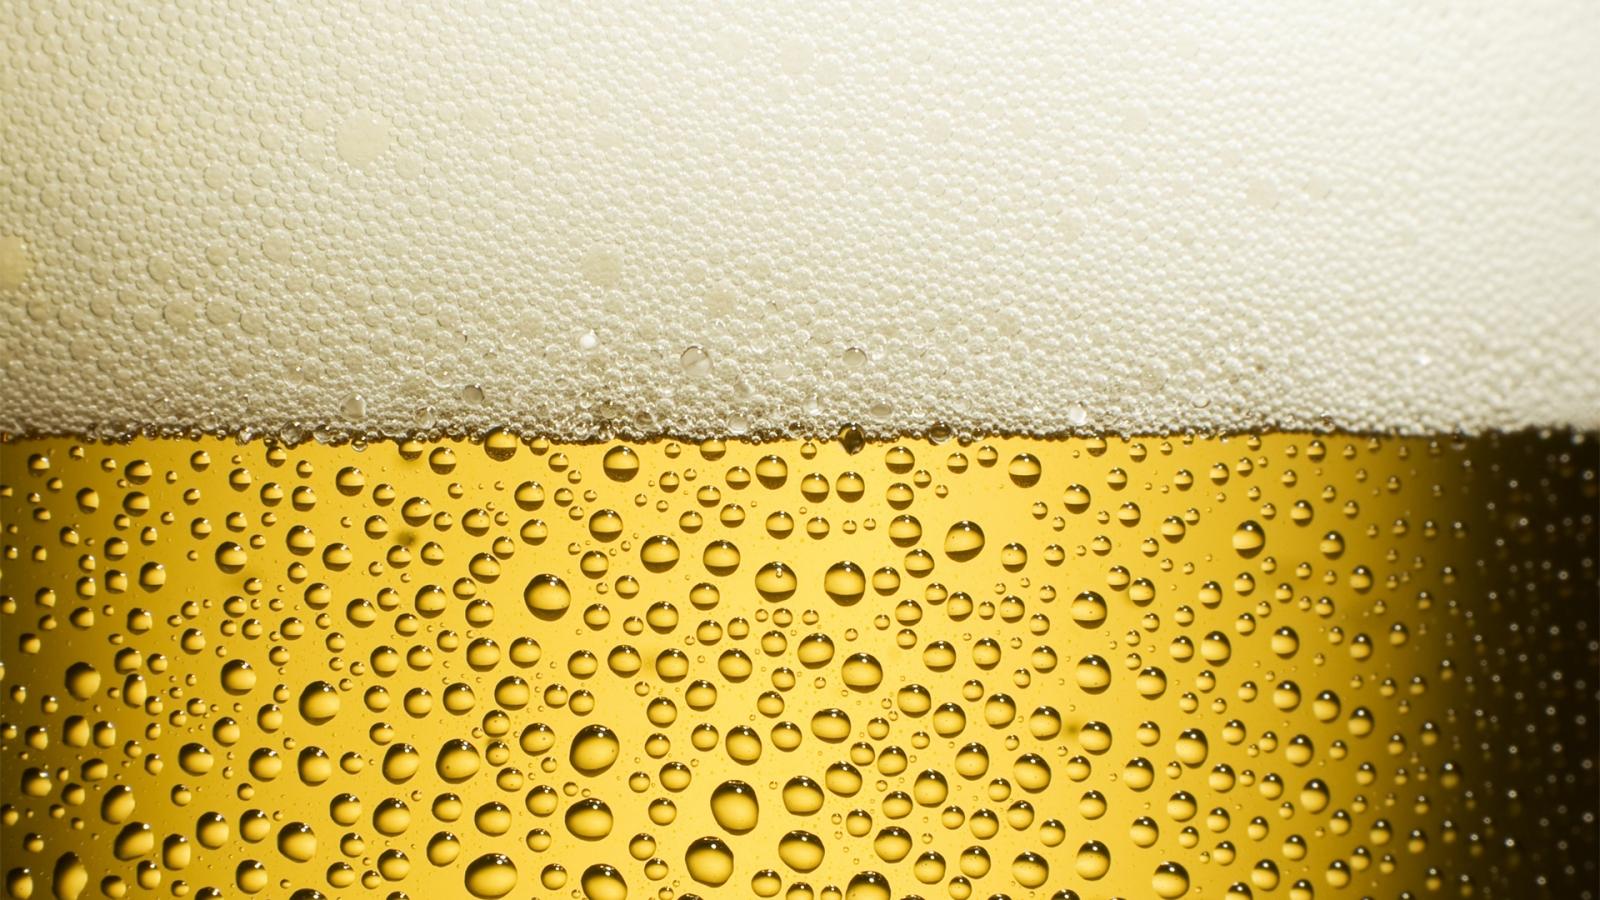 Vaso de cerveza - 1600x900